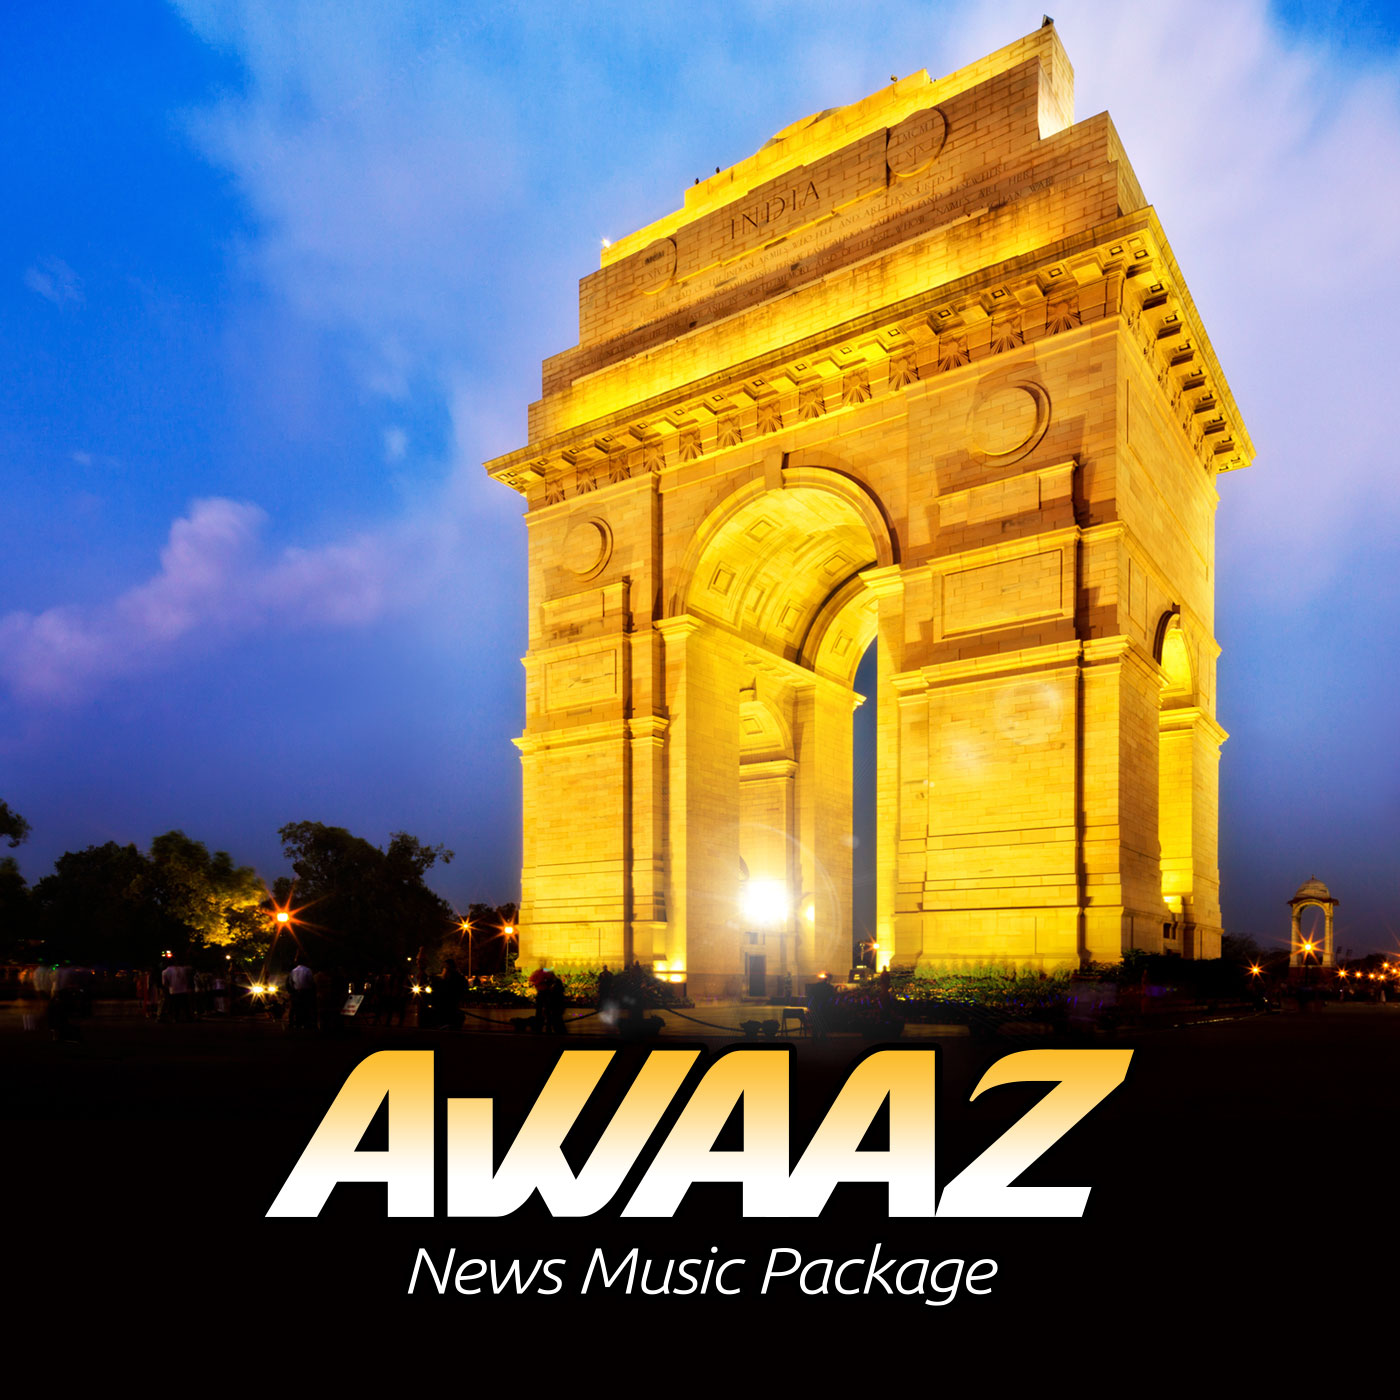 AWAAZ News Music Package